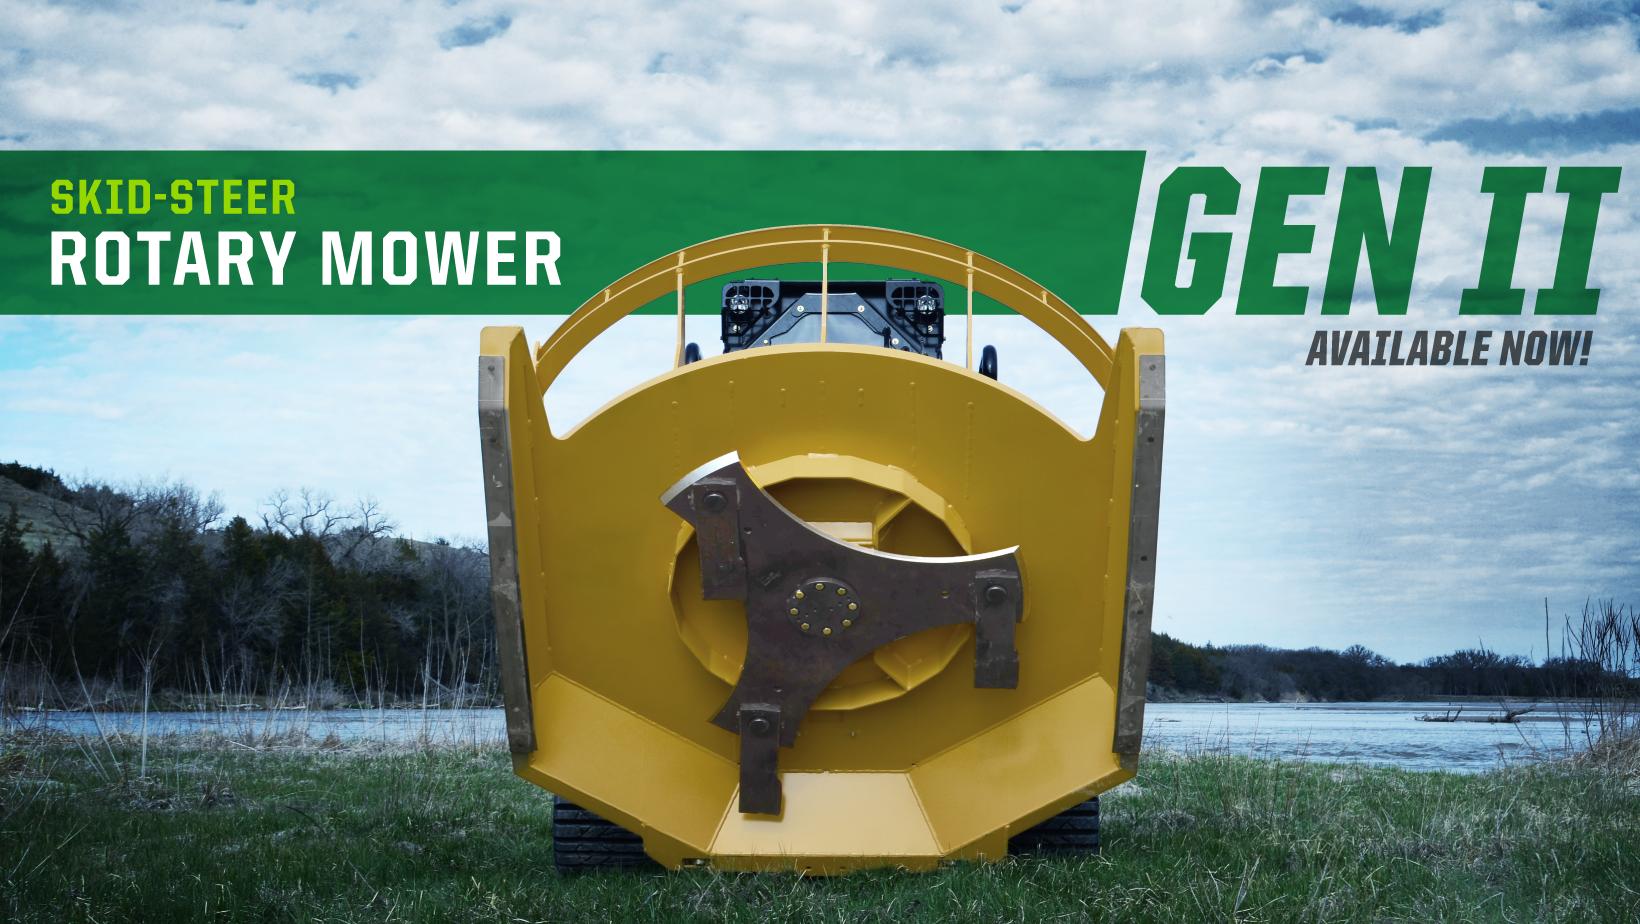 Gen II Skid-Steer Rotary Mower